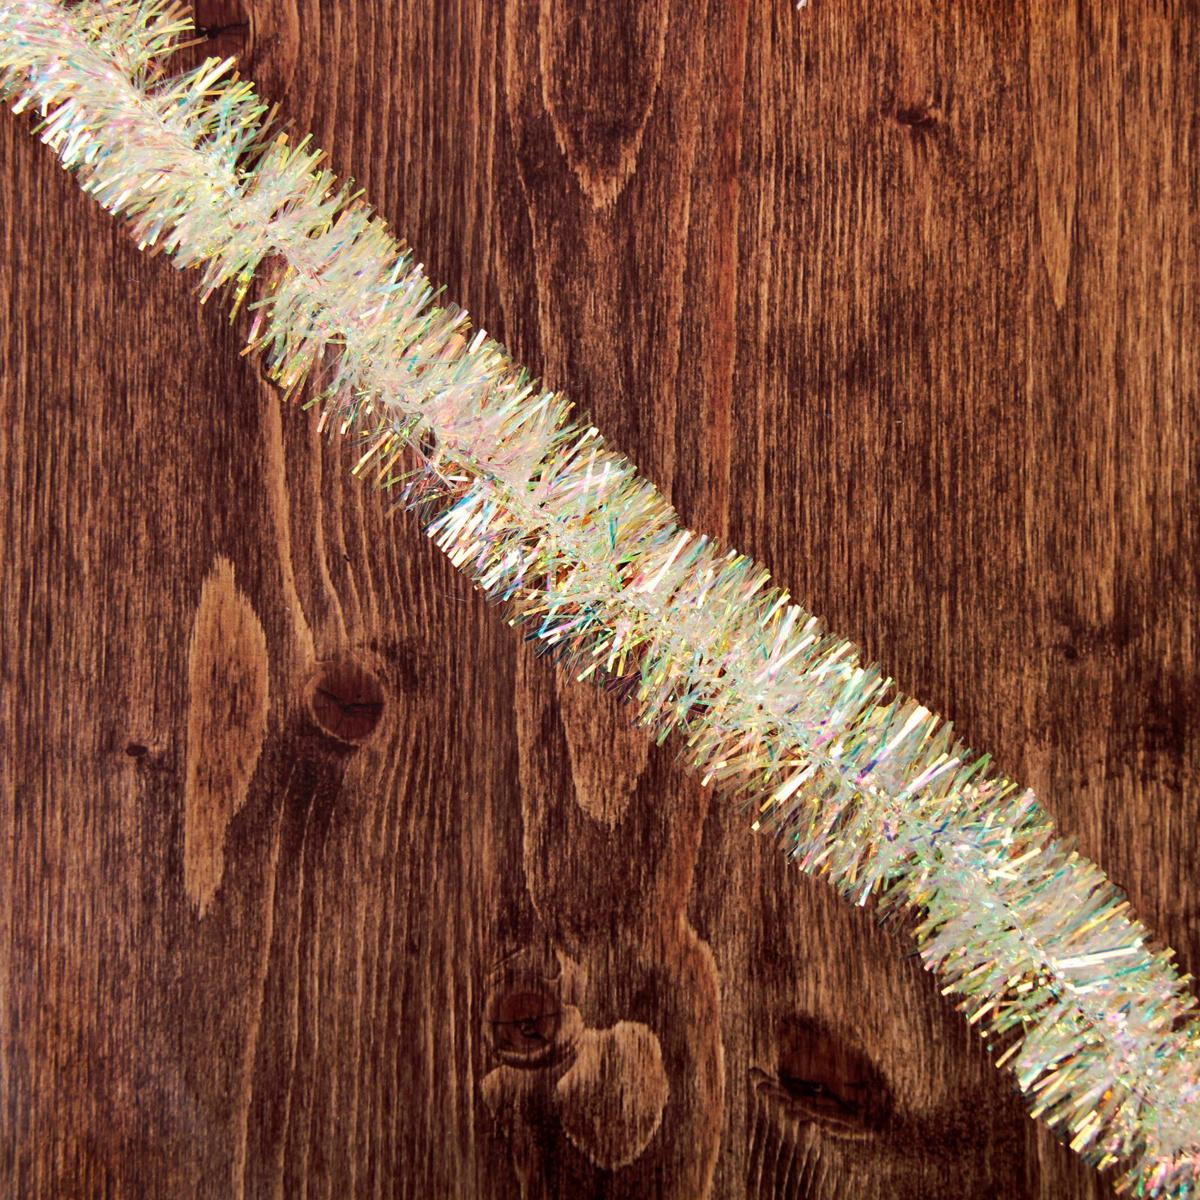 Мишура новогодняя Перламутровая, диаметр 4,5 см, длина 200 см2363866Новогодняя мишура, выполненная из ПВХ, поможет вам украсить свой дом к предстоящим праздникам. Новогодняя елка с таким украшением станет еще наряднее. Новогодней мишурой можно украсить все, что угодно - елку, квартиру, дачу, офис - как внутри, так и снаружи. Можно сложить новогодние поздравления, буквы и цифры, мишурой можно украсить и дополнить гирлянды, можно выделить дверные колонны, оплести дверные проемы.